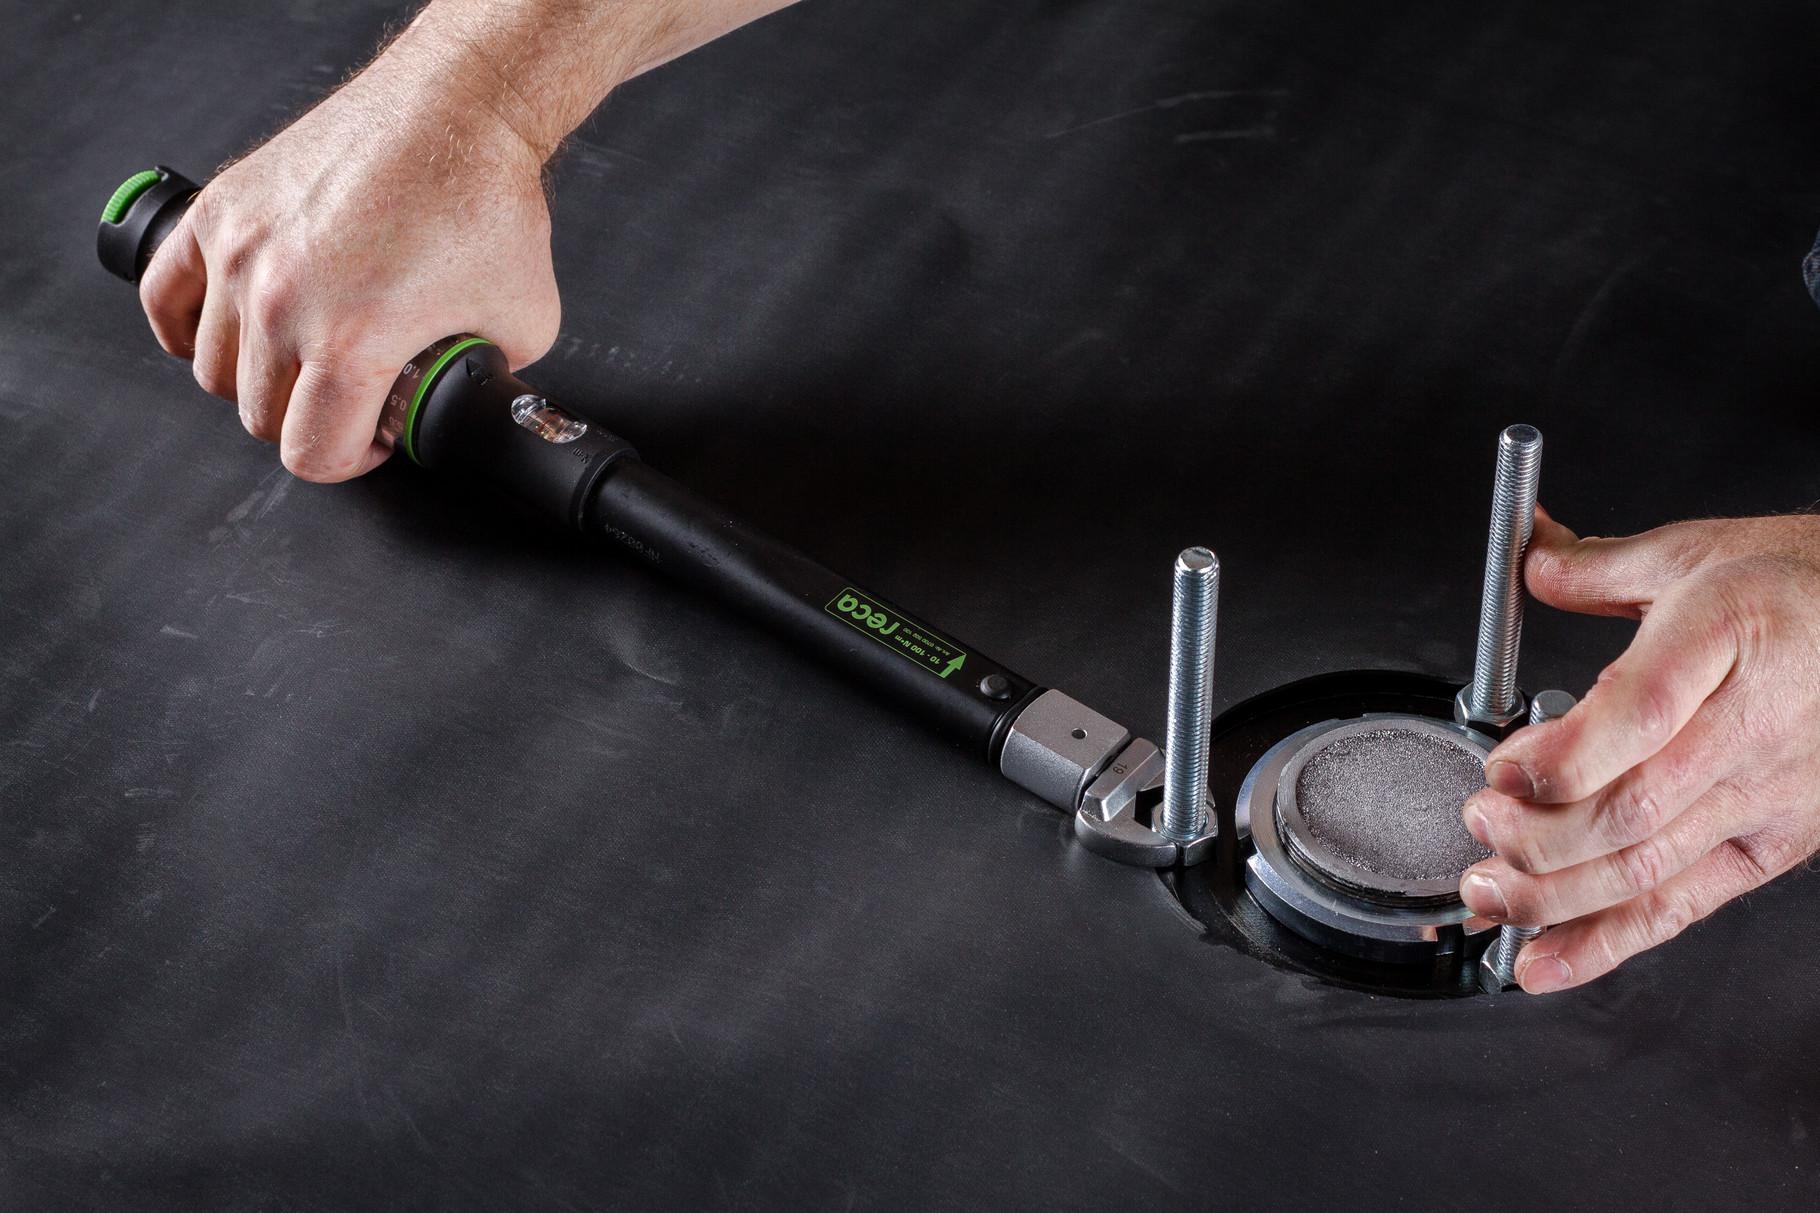 Das Drehmoment mit dem Drehmomentschlüssel (BefTec Montagekoffer) einhalten.